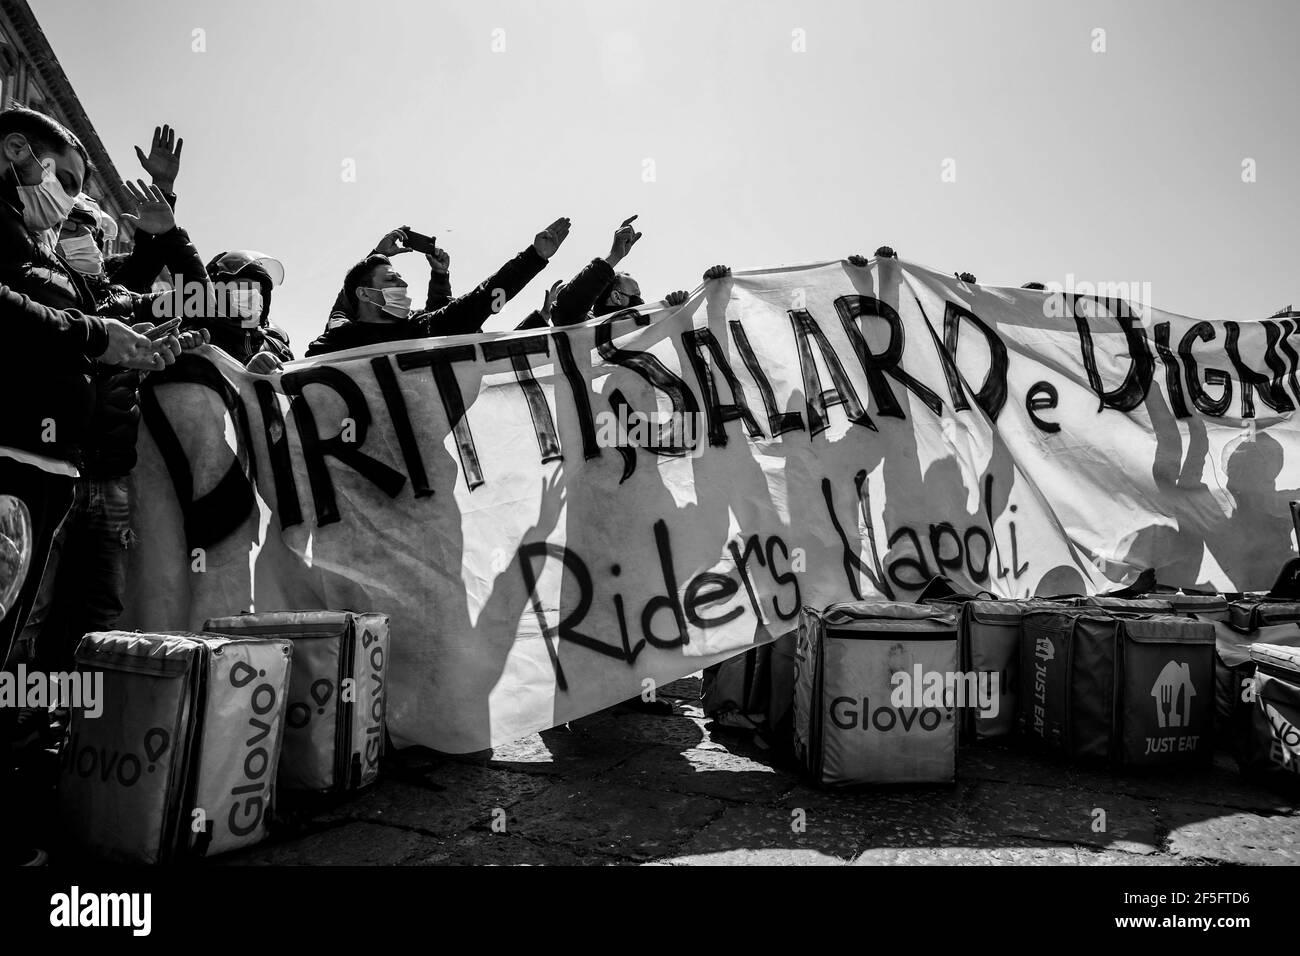 25 de marzo de 2020, NÁPOLES, CAMPANIA, ITALIA: 26/03/2021 Nápoles, Esta mañana los napolitanos tomaron las calles para protestar por más derechos de los trabajadores. (Imagen de crédito: © Fabio Sasso/ZUMA Wire) Foto de stock